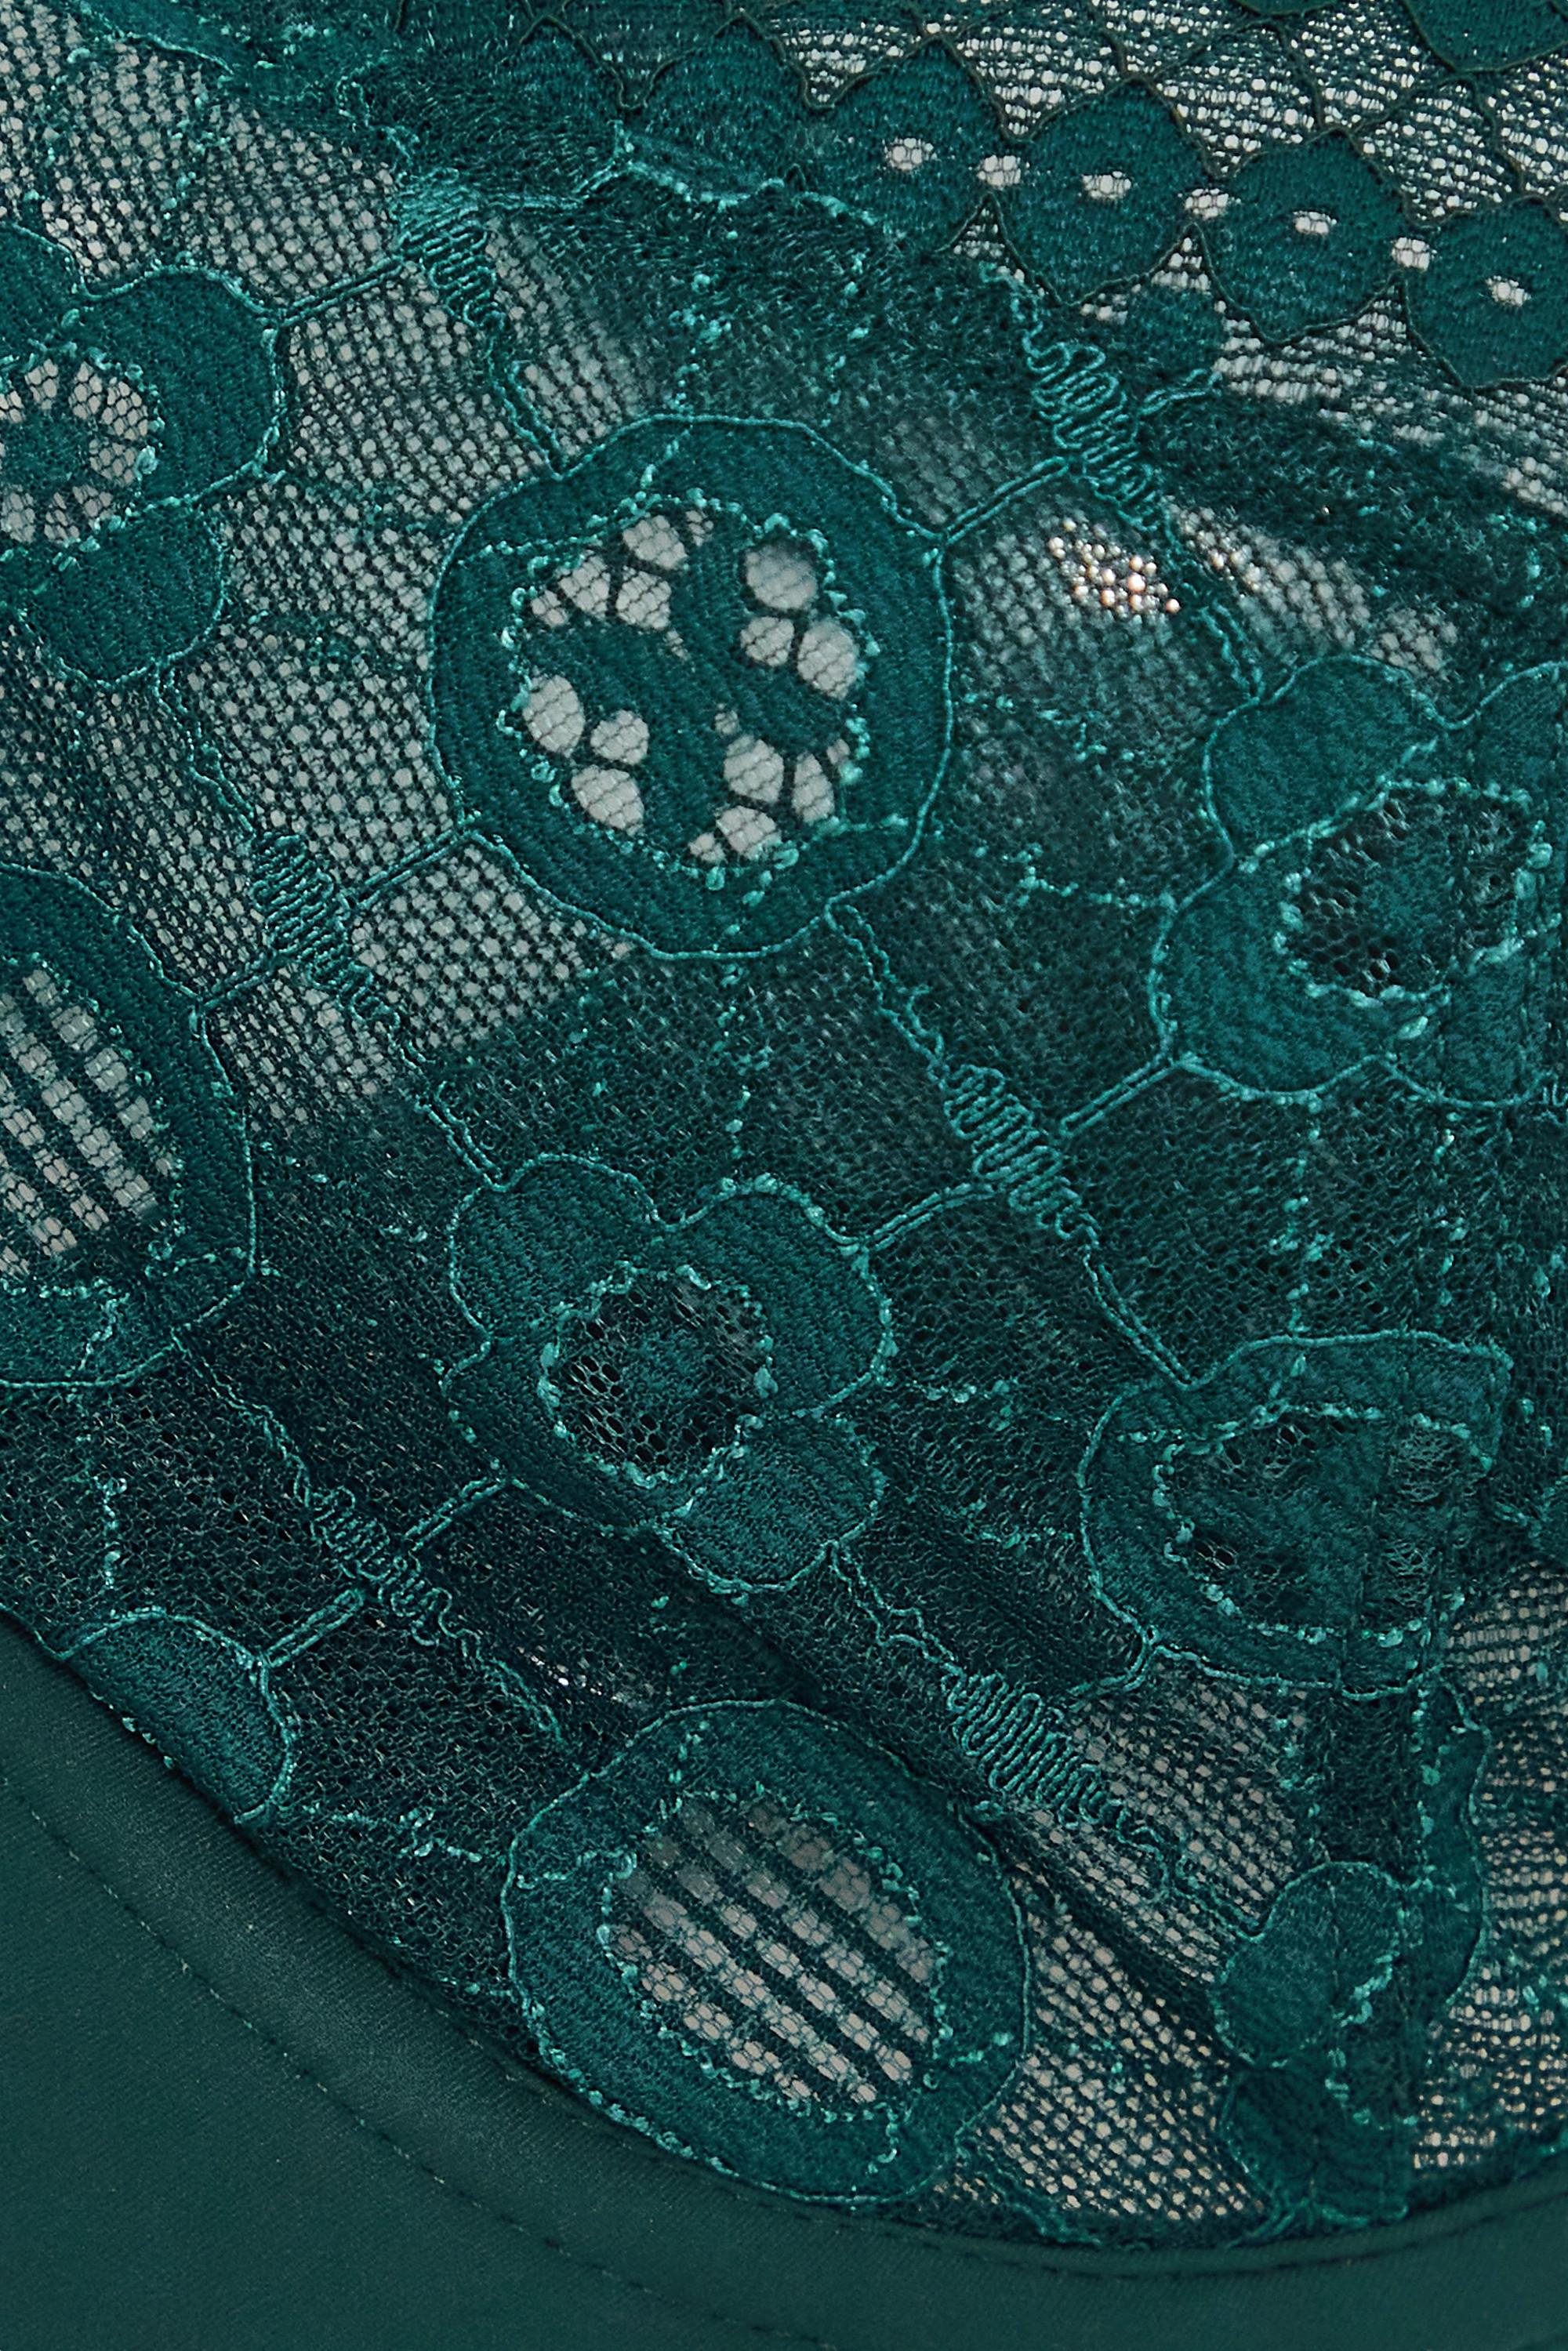 Maison Lejaby Daphne Bügel-BH aus Stretch-Tüll und schnurgebundener Spitze